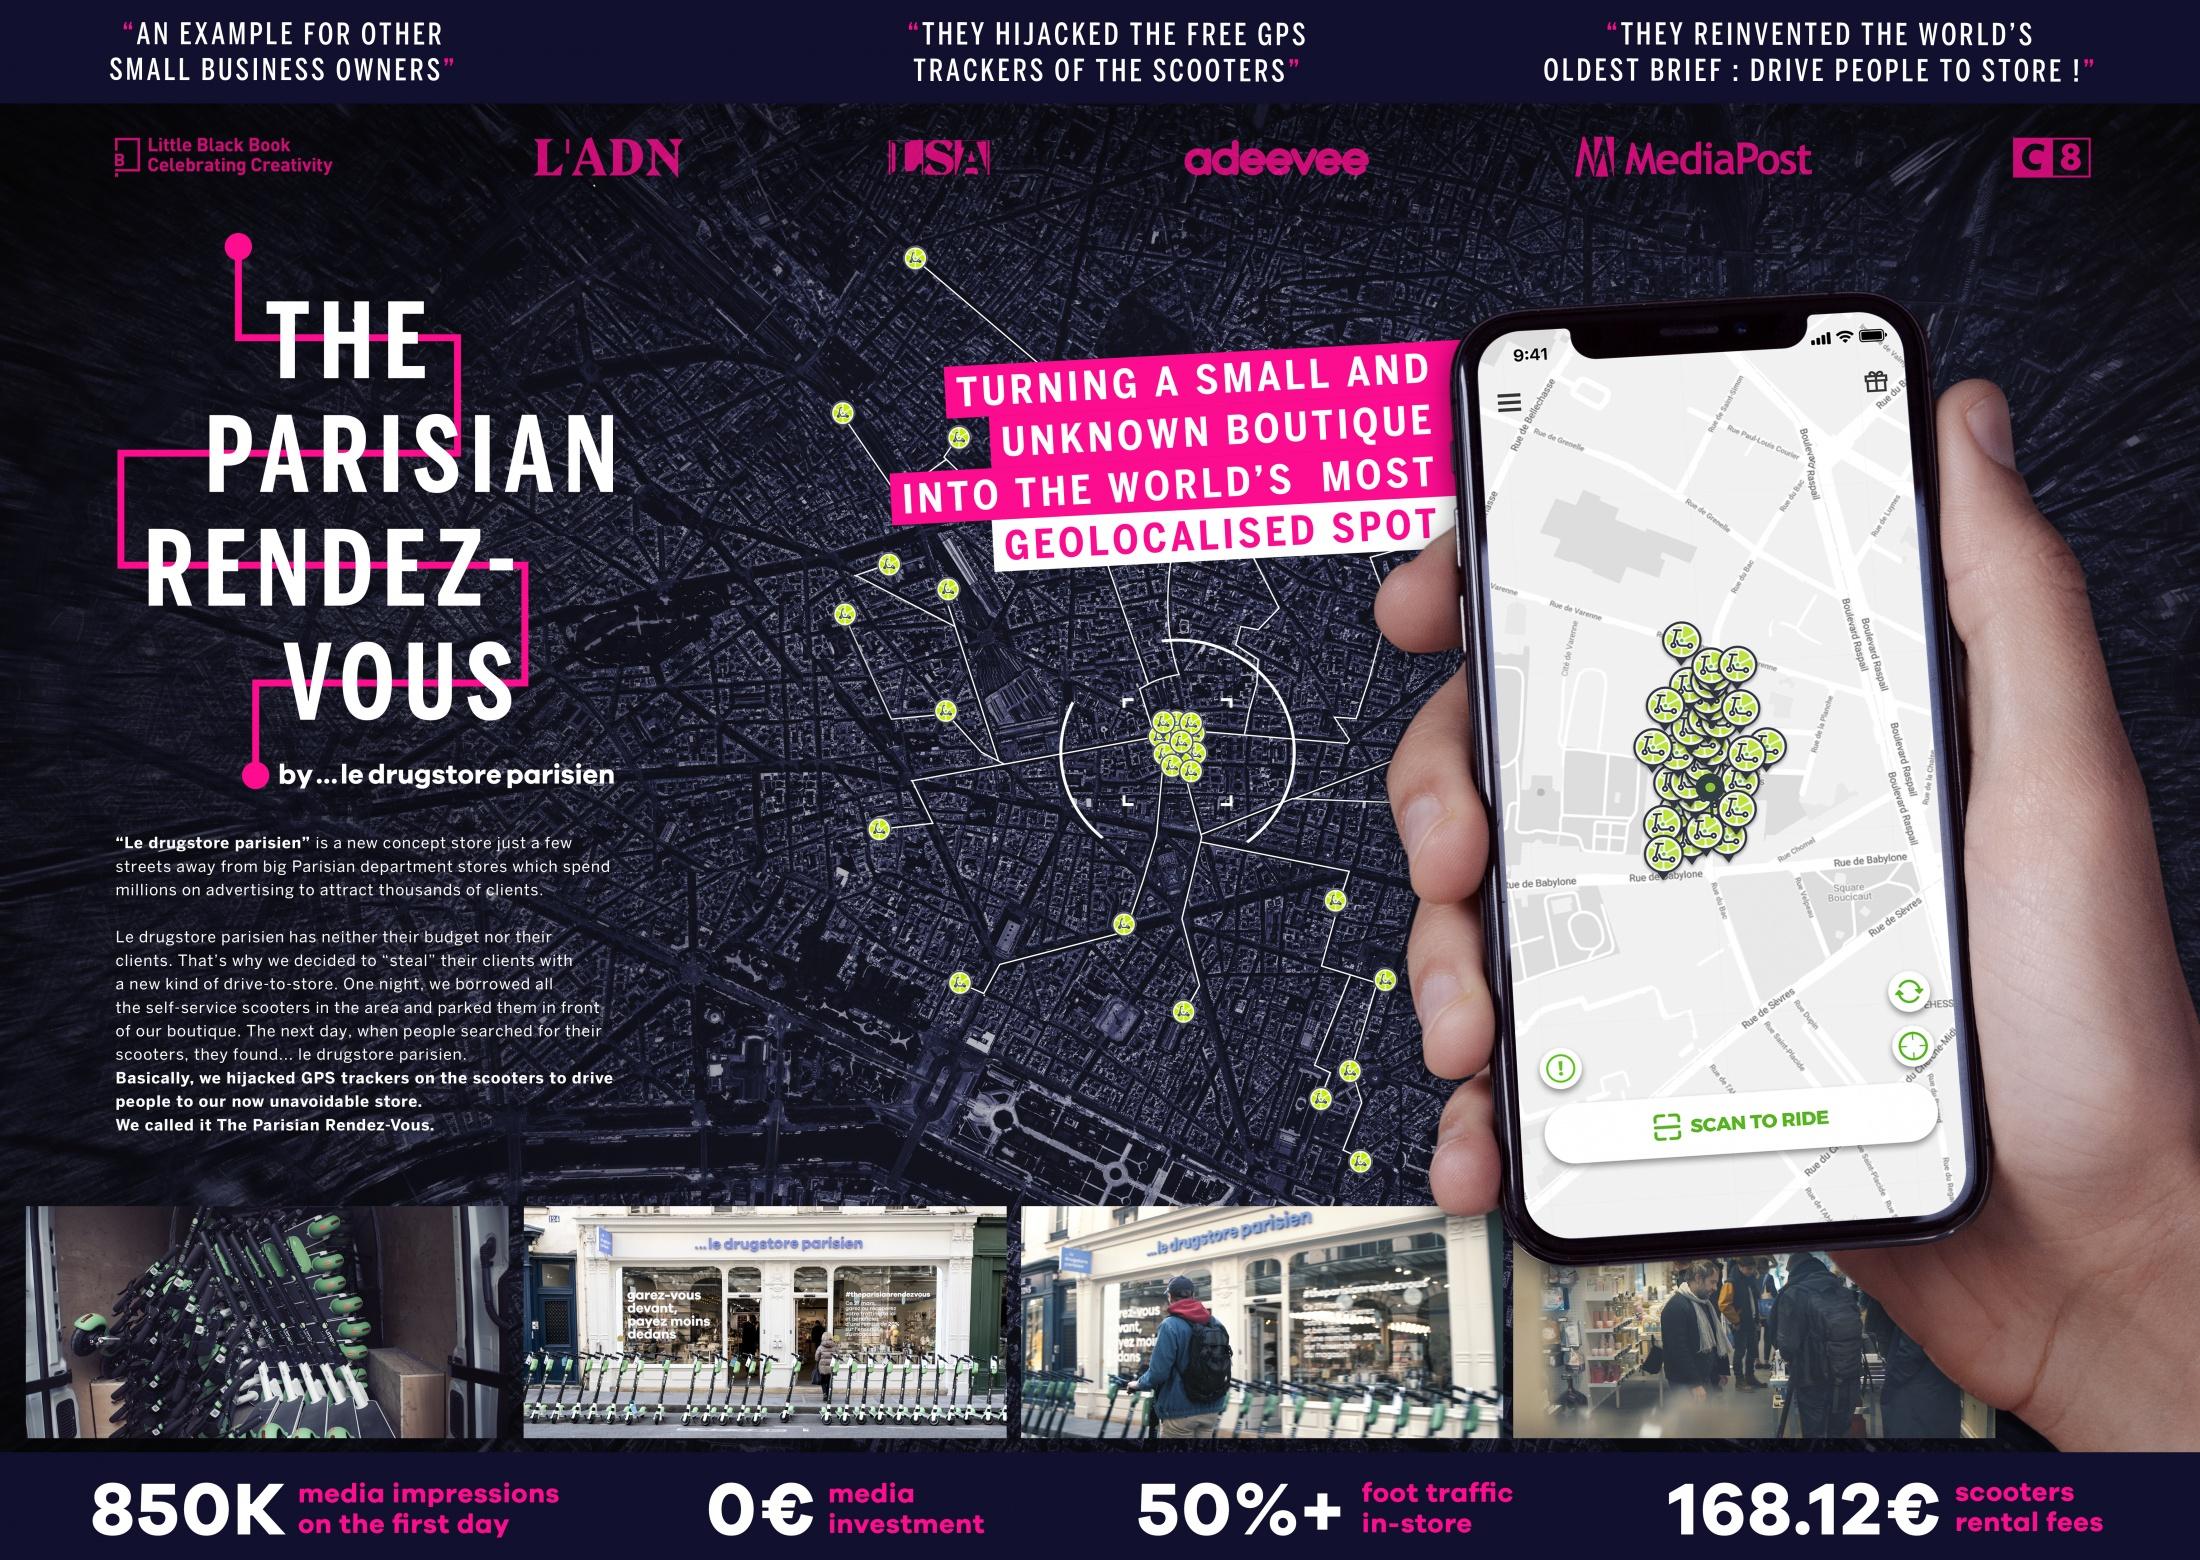 Thumbnail for The Parisian Rendez-Vous